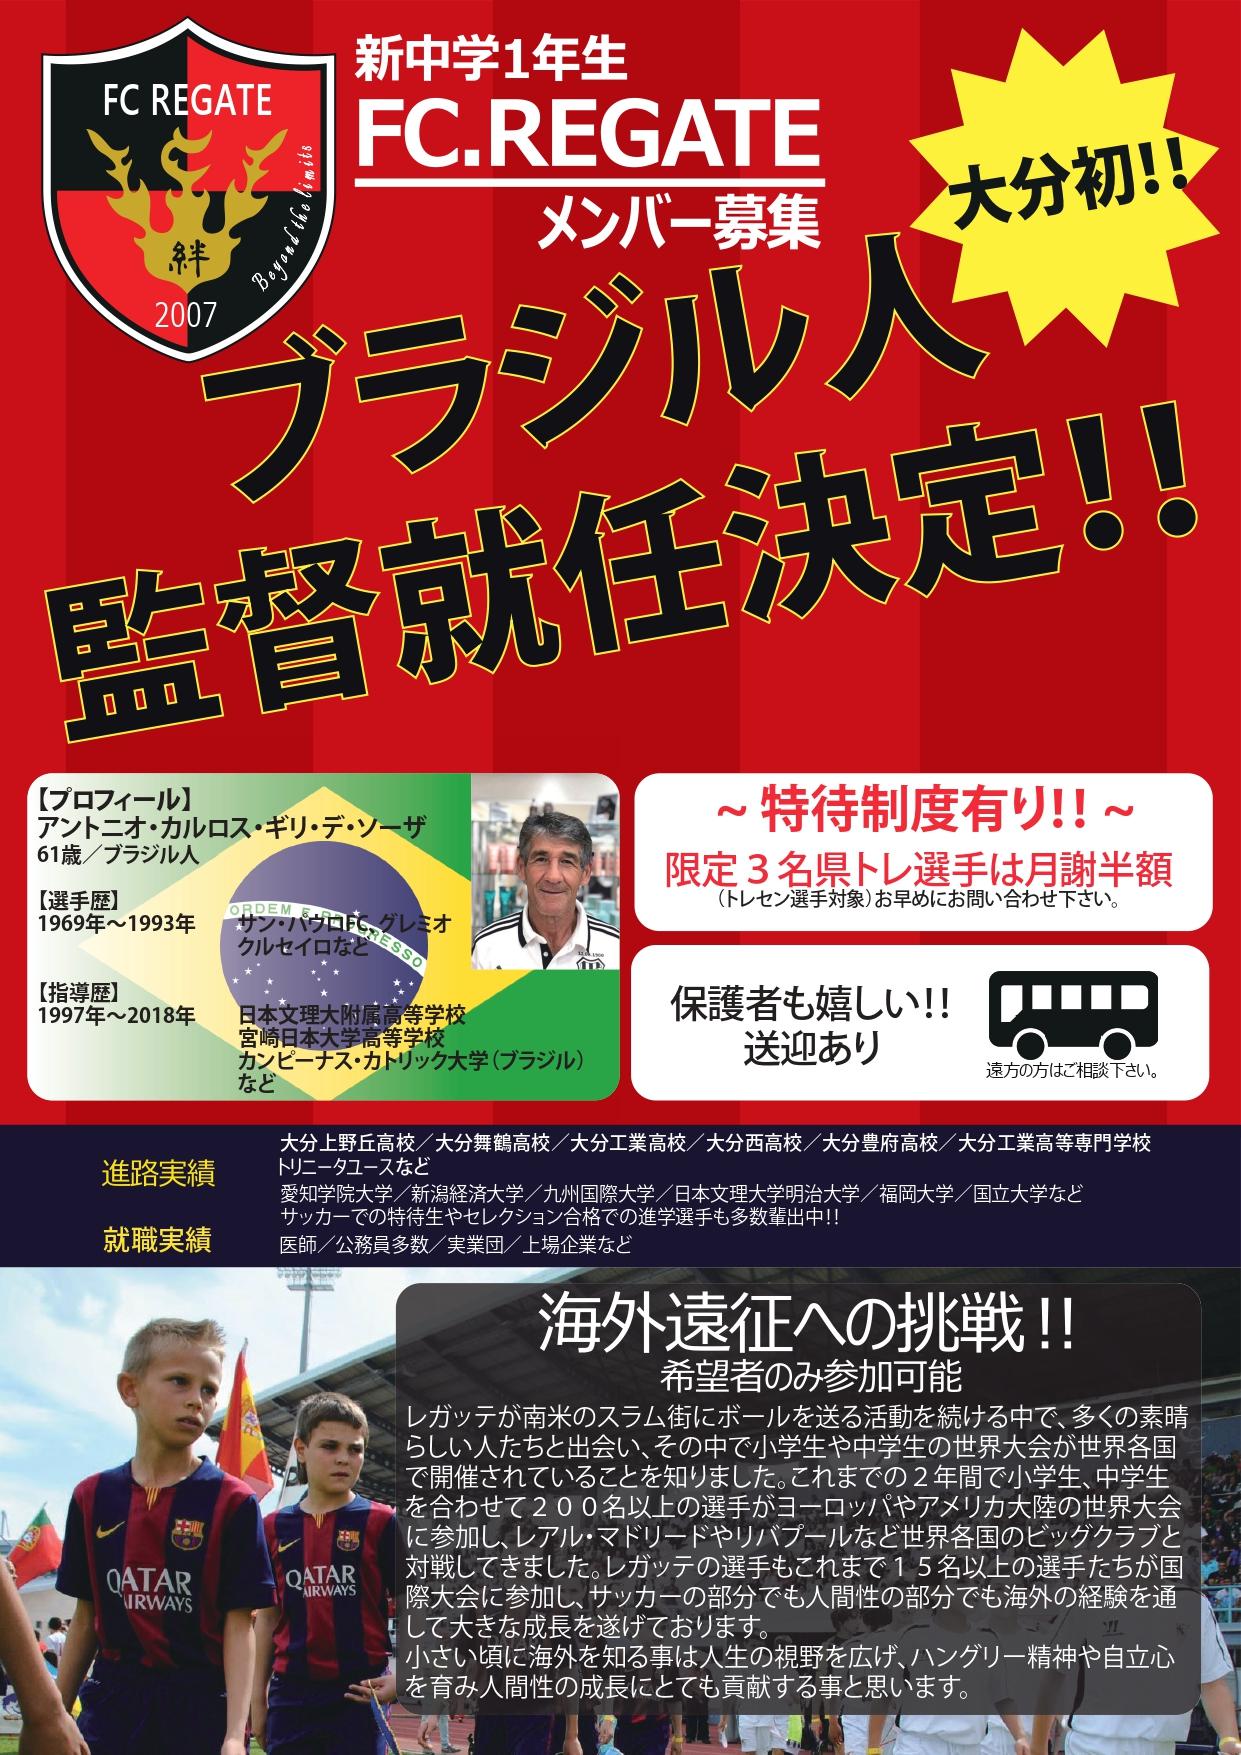 新中学1年生メンバー募集!ブラジル人監督就任決定!